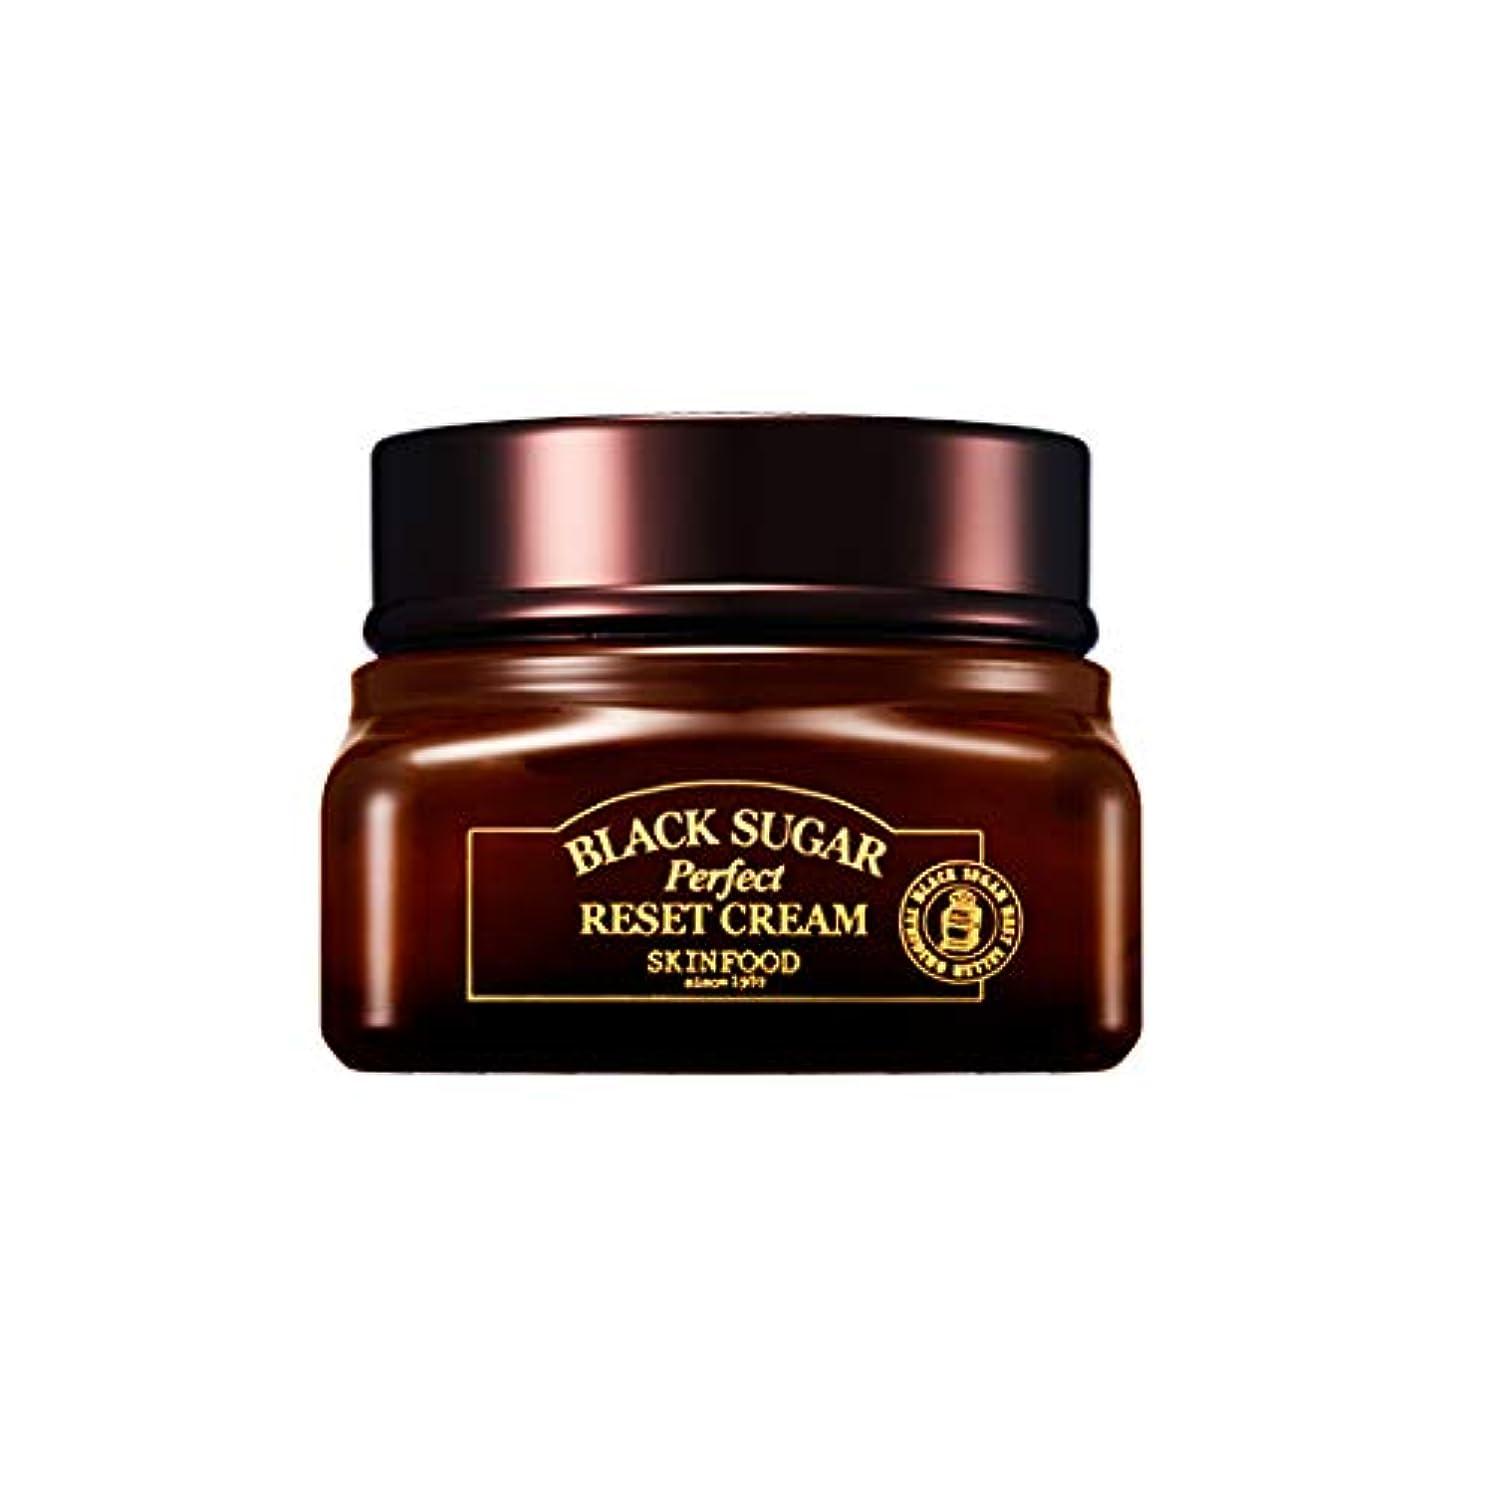 姉妹はちみつ接尾辞Skinfood 黒糖パーフェクトリセットクリーム/Black Sugar Perpect Reset Cream 60ml [並行輸入品]